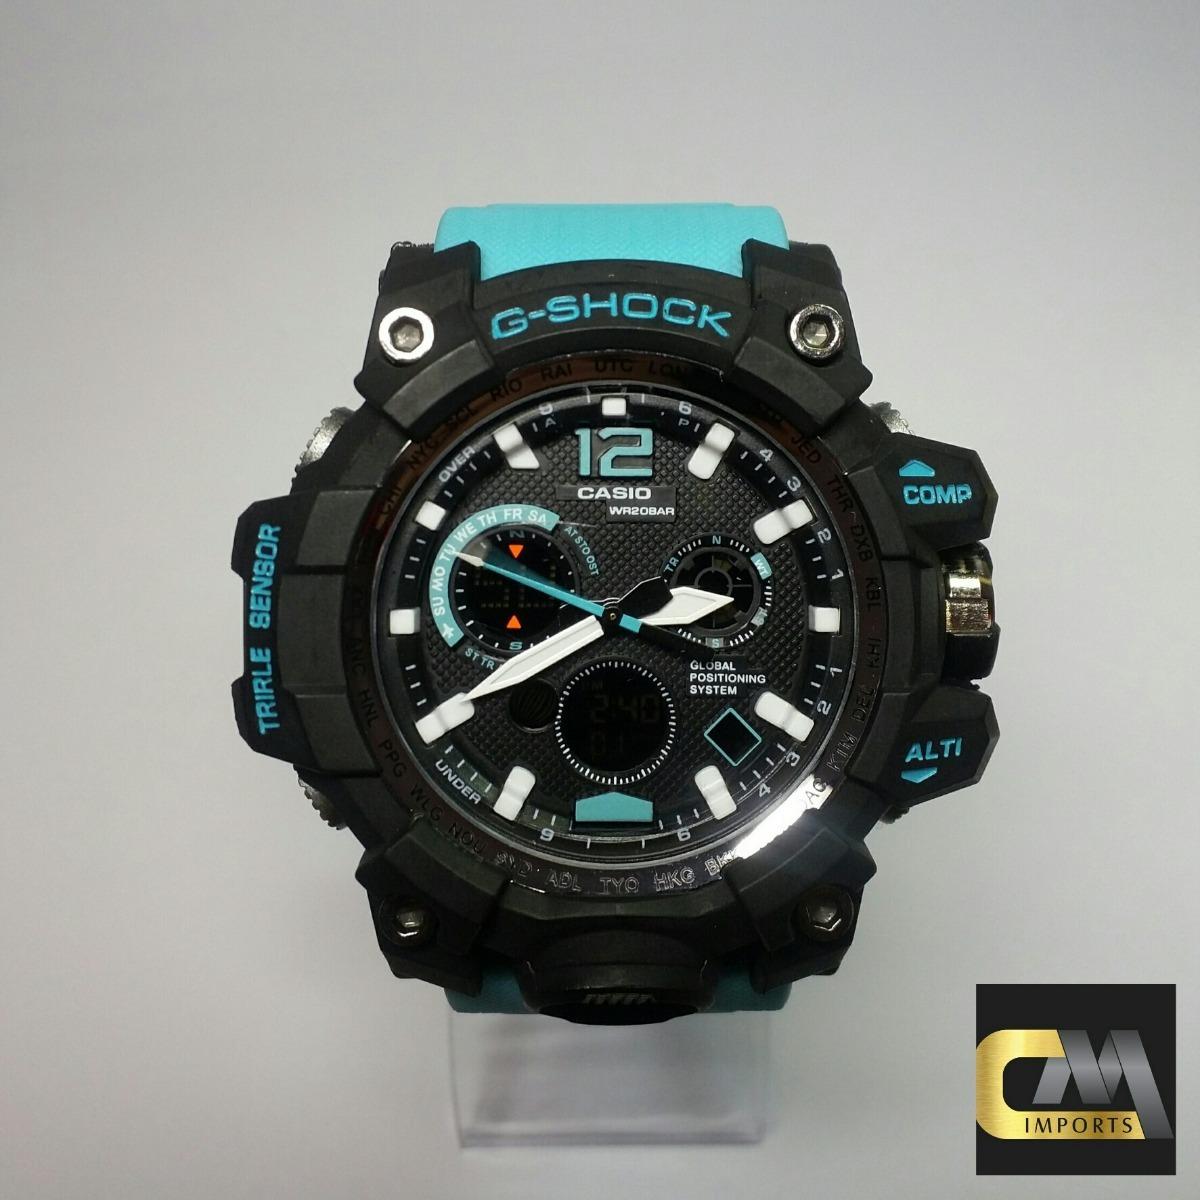 d4b7eb9411 Vender um igual. relógios g-shock mundmaster promoção. Carregando zoom.